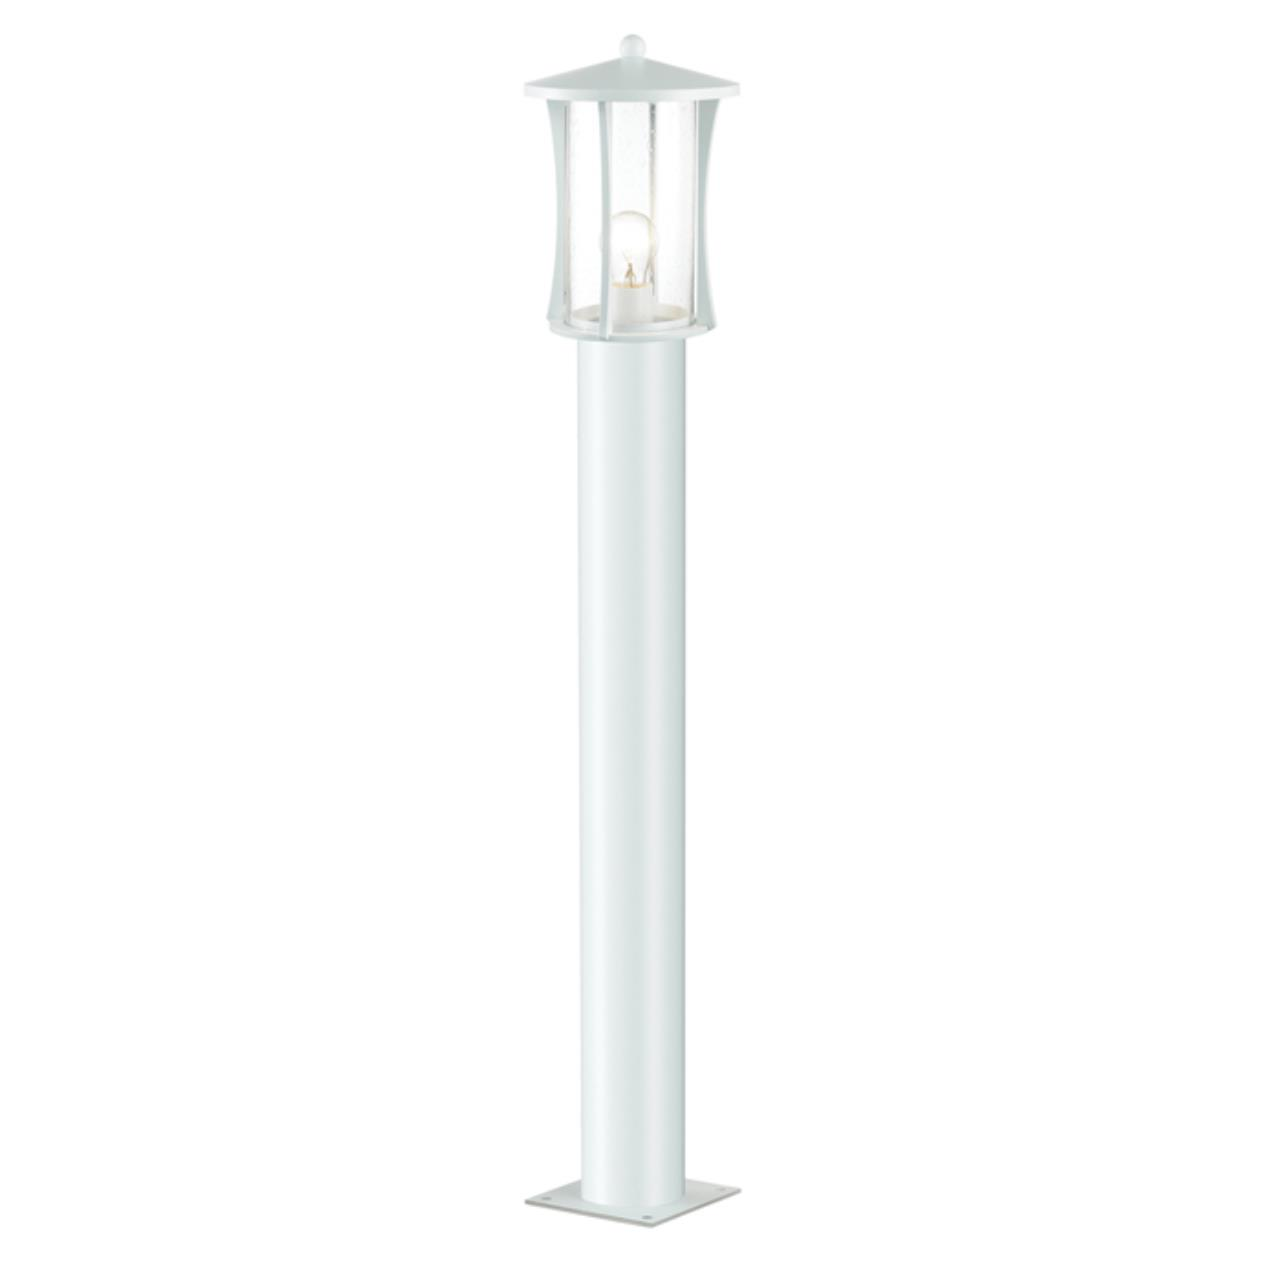 4173/1F NATURE ODL19 699 белый/прозрачный Уличный светильник 110см IP44 E27 1*40W GALEN